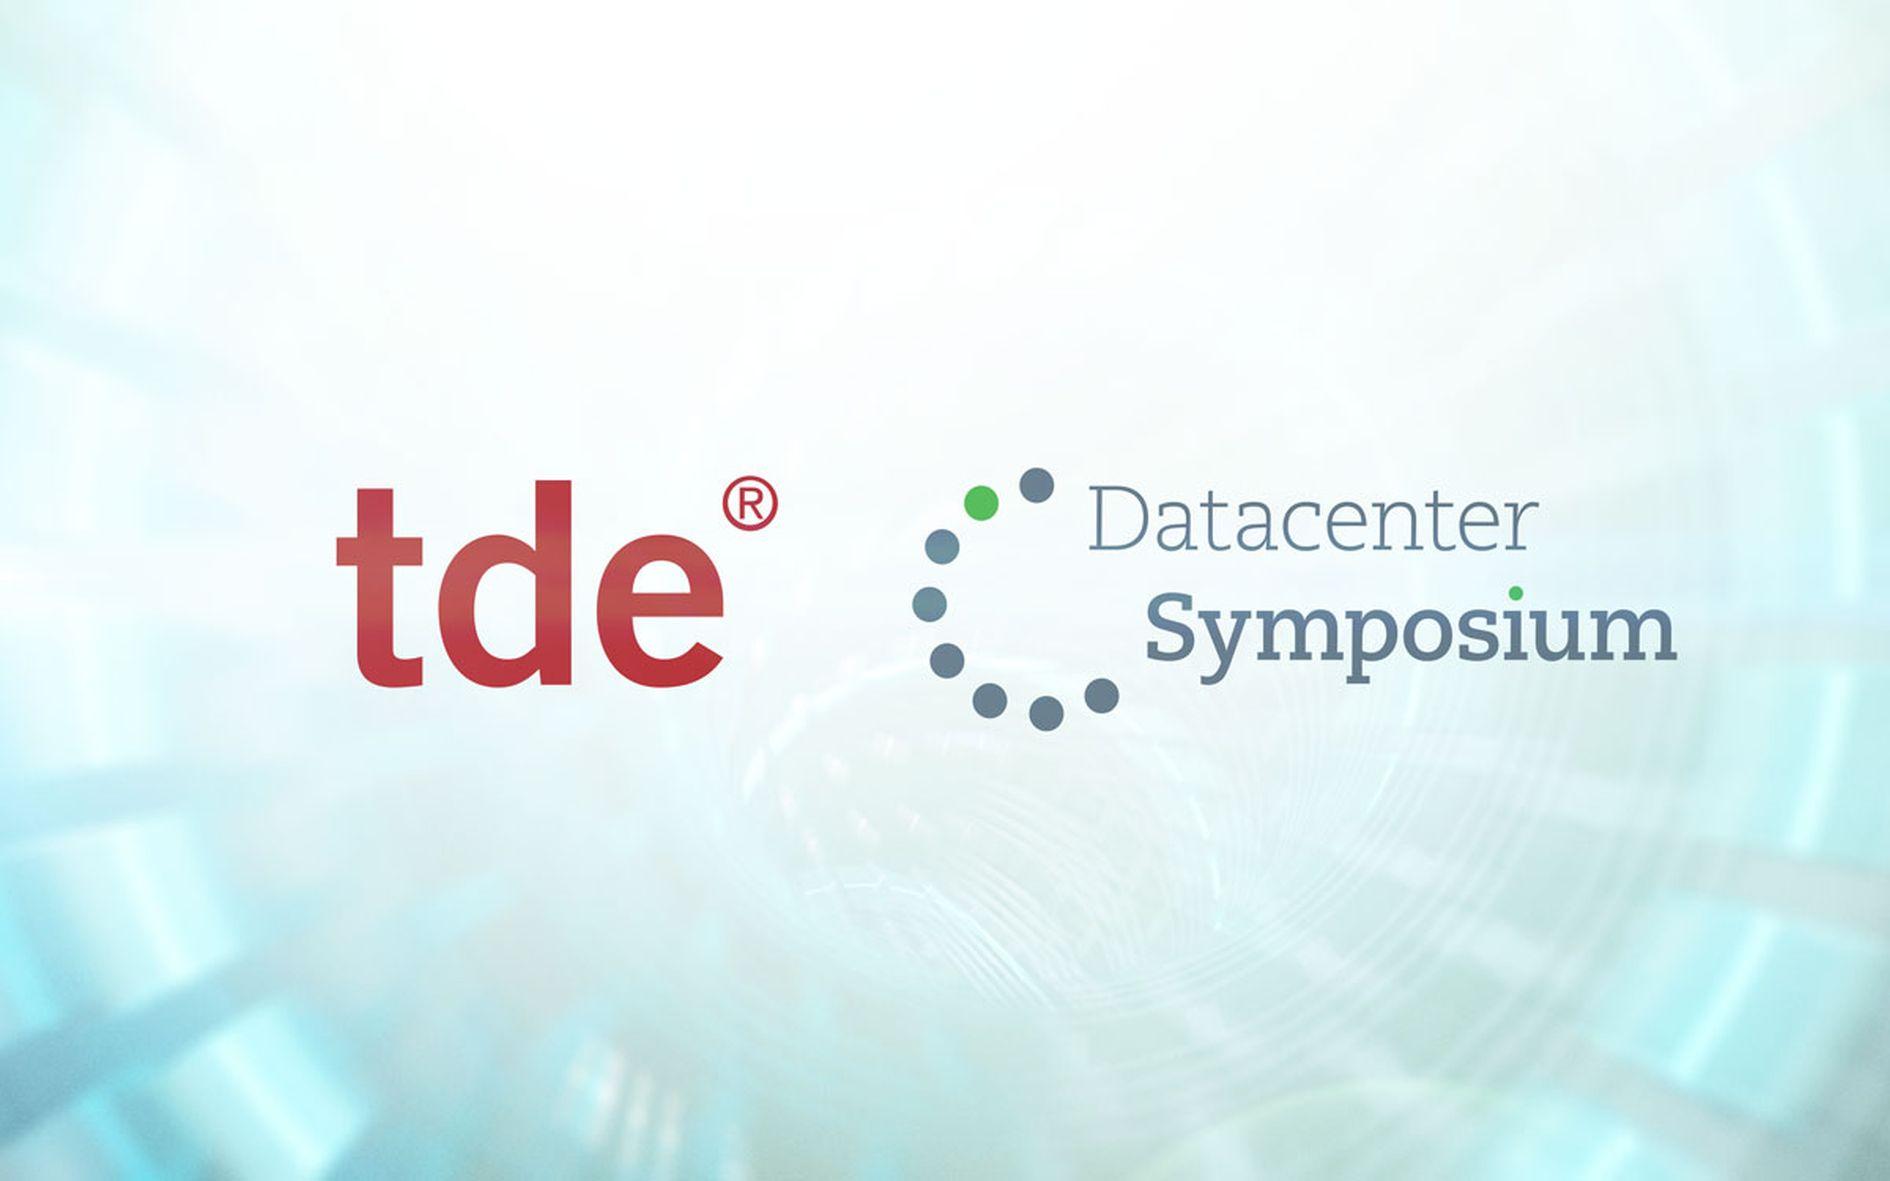 LANline Datacenter Symposium am 23.9.2021 in München: Technologieführer und Netzwerkspezialist tde ist Silber-Sponsor